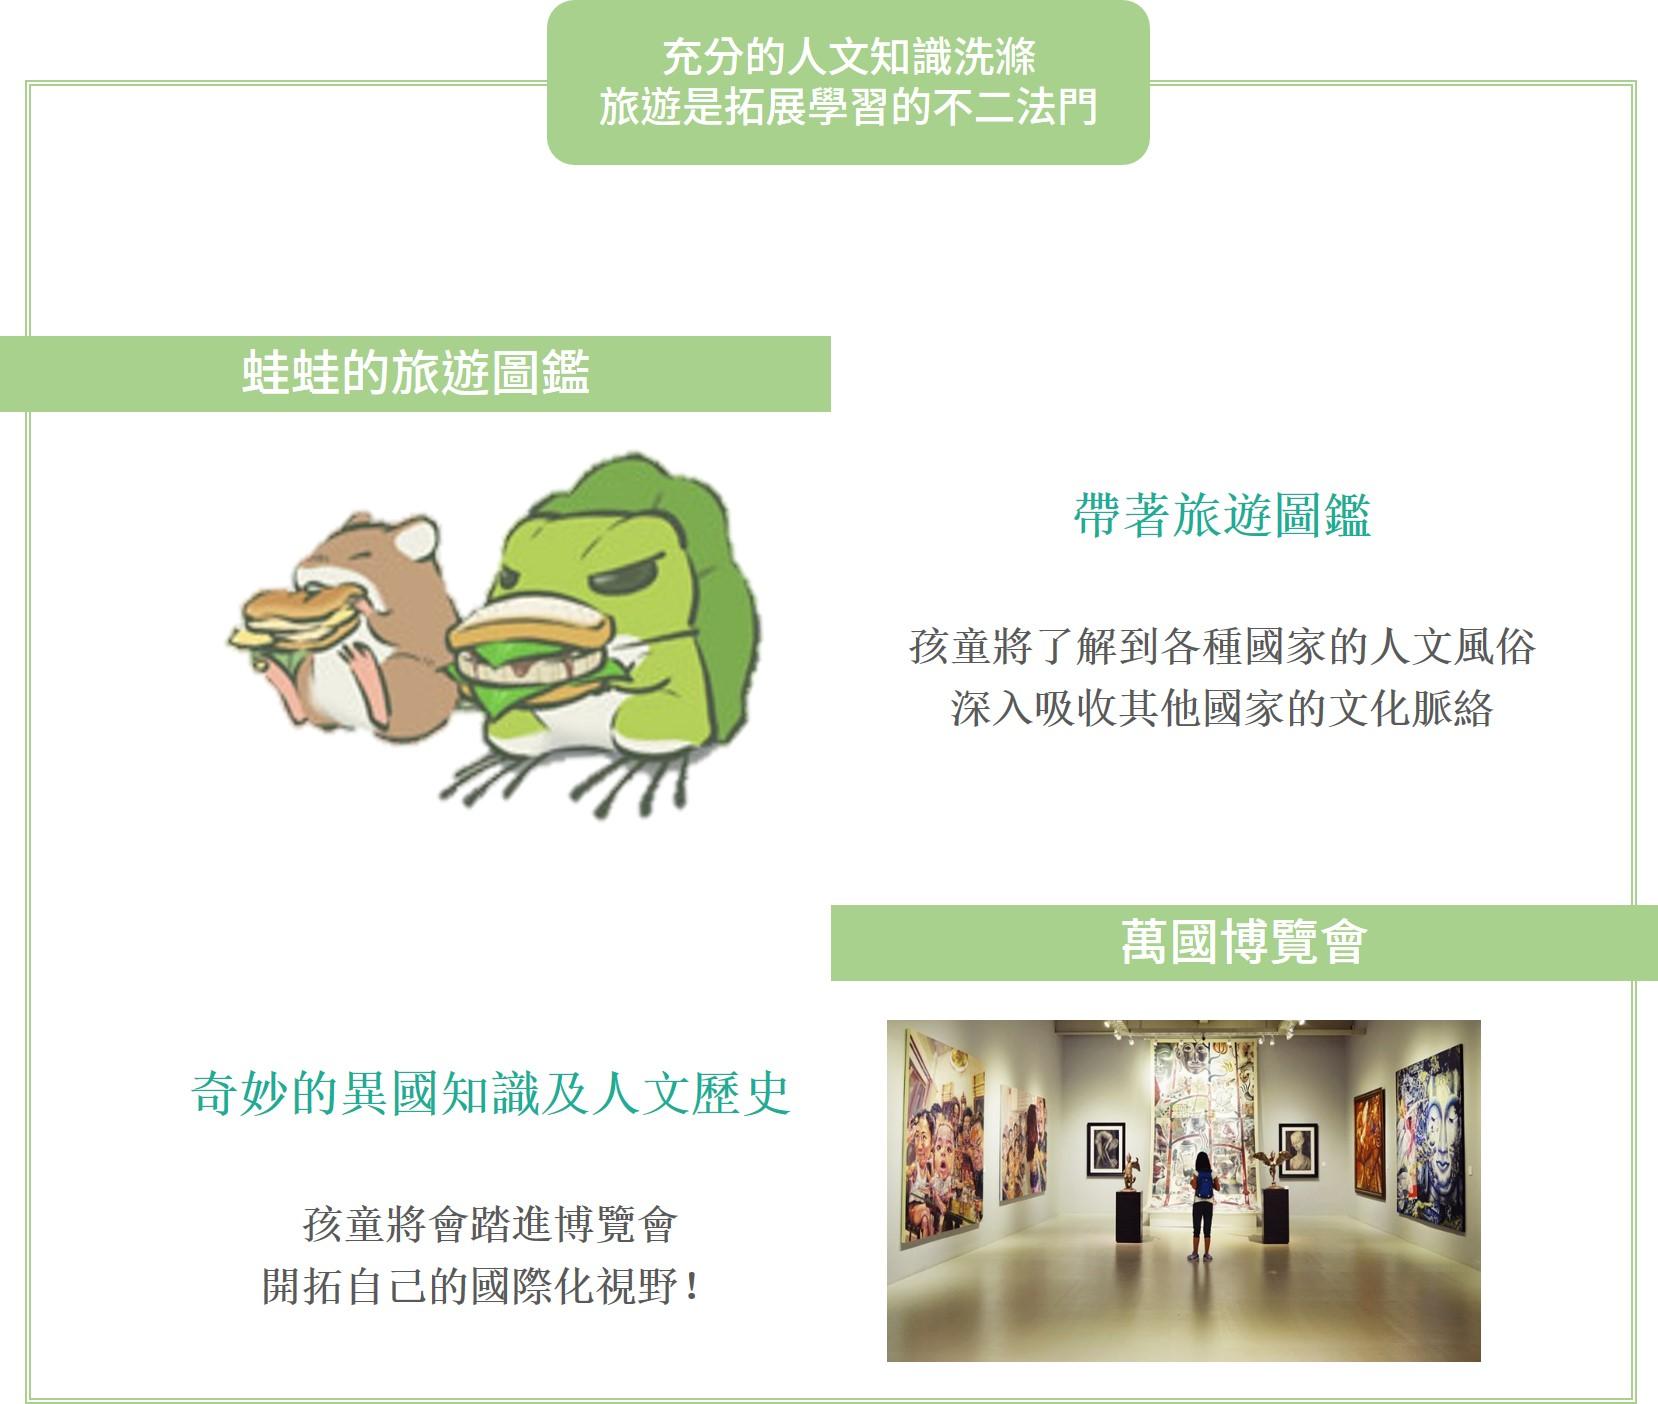 旅行青蛙結合各國日本知識,結合孩童的夏令營